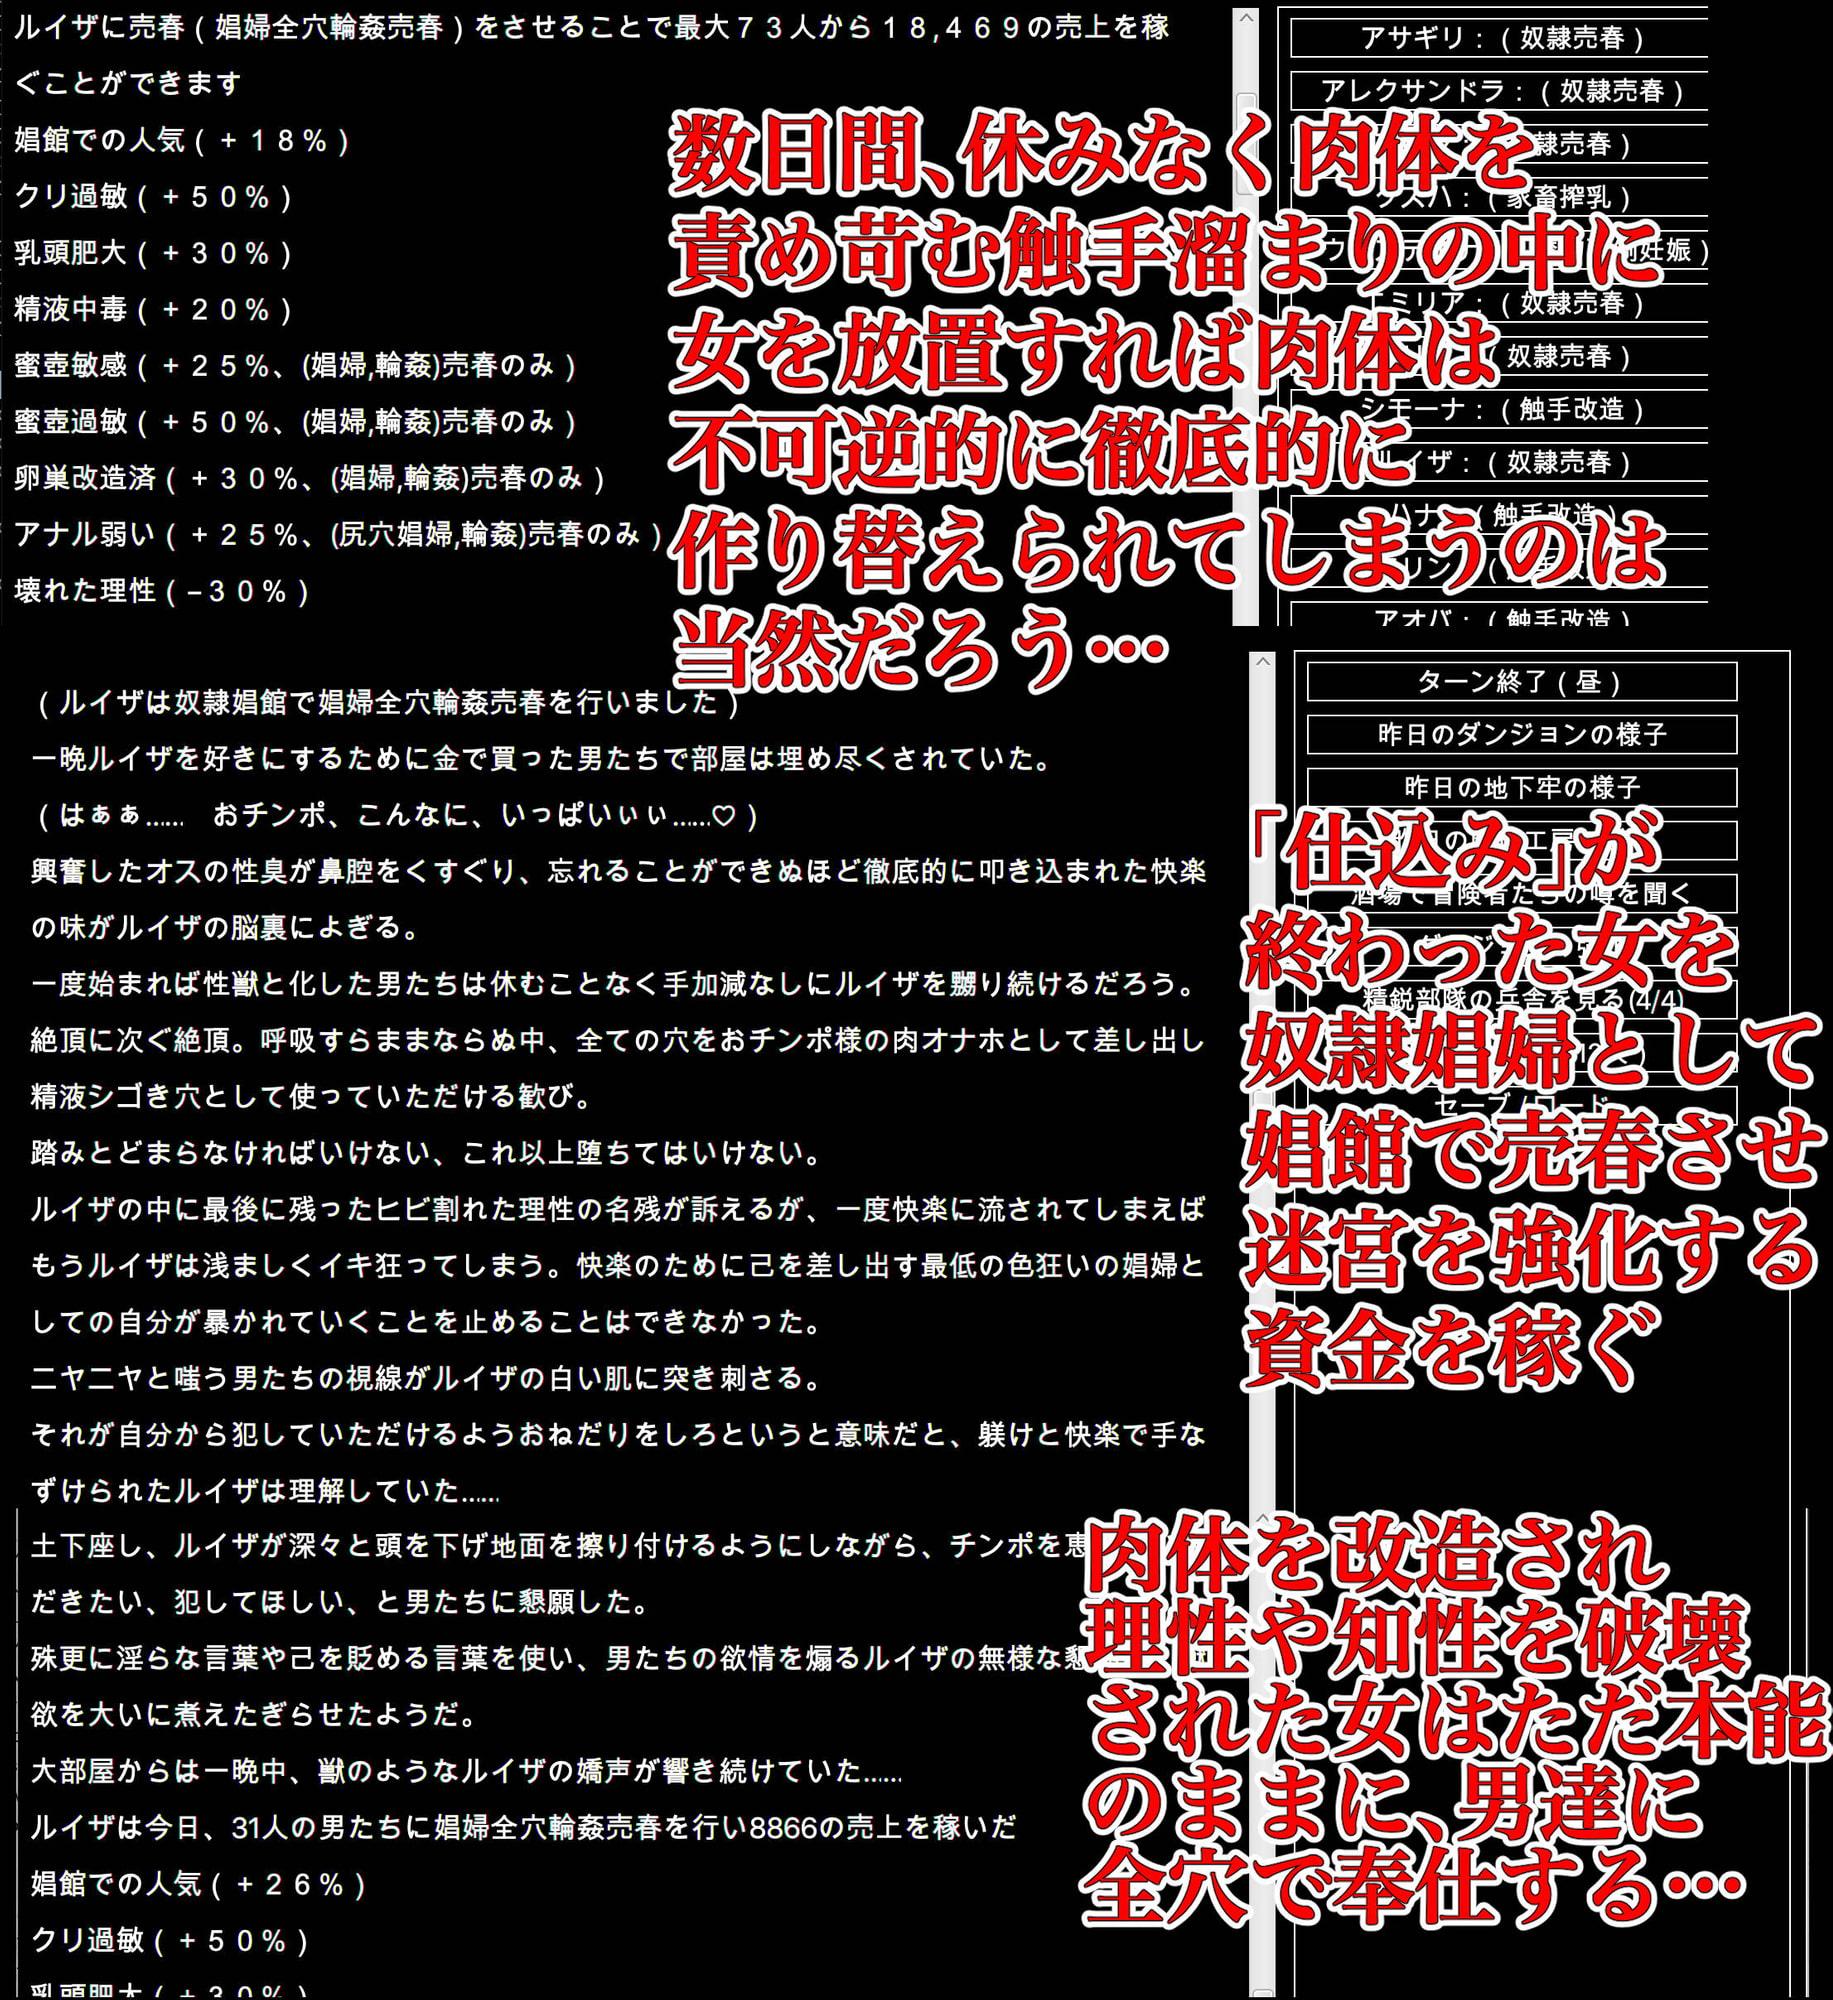 陵辱異種姦ダンジョン〜敗北した女冒険者は魔物の孕み袋〜8